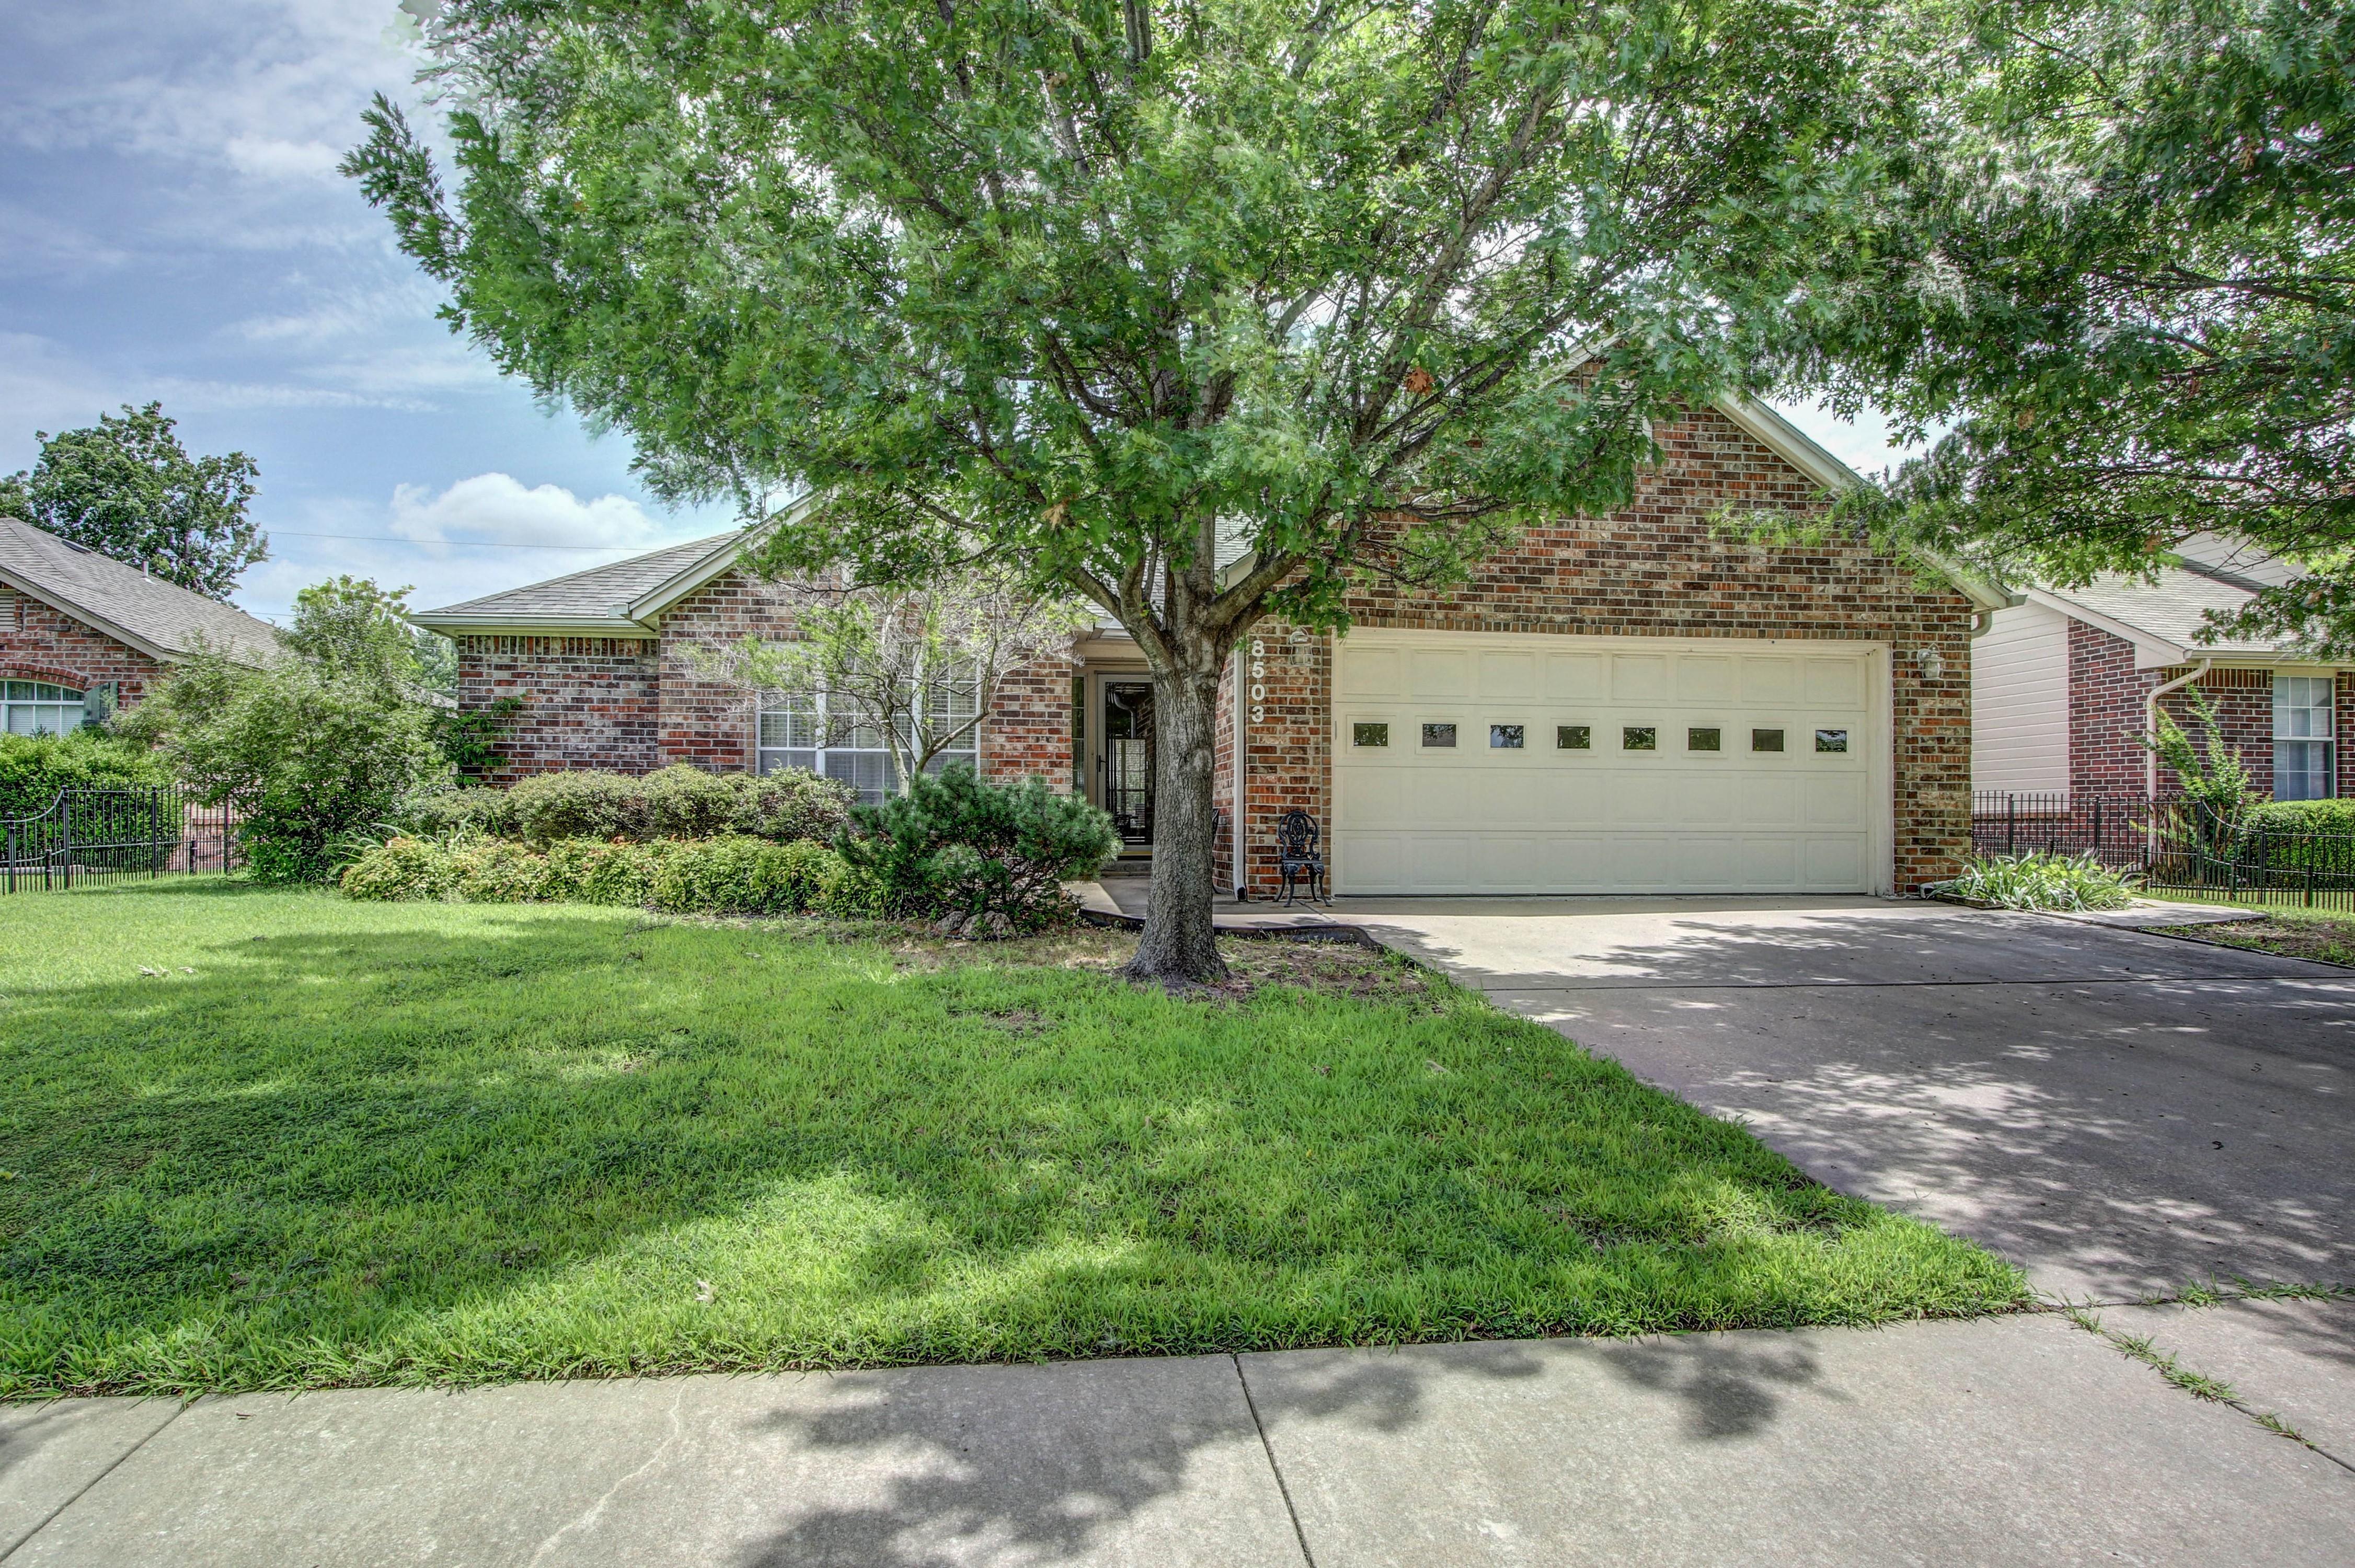 8503 N 102nd East Avenue Property Photo 1